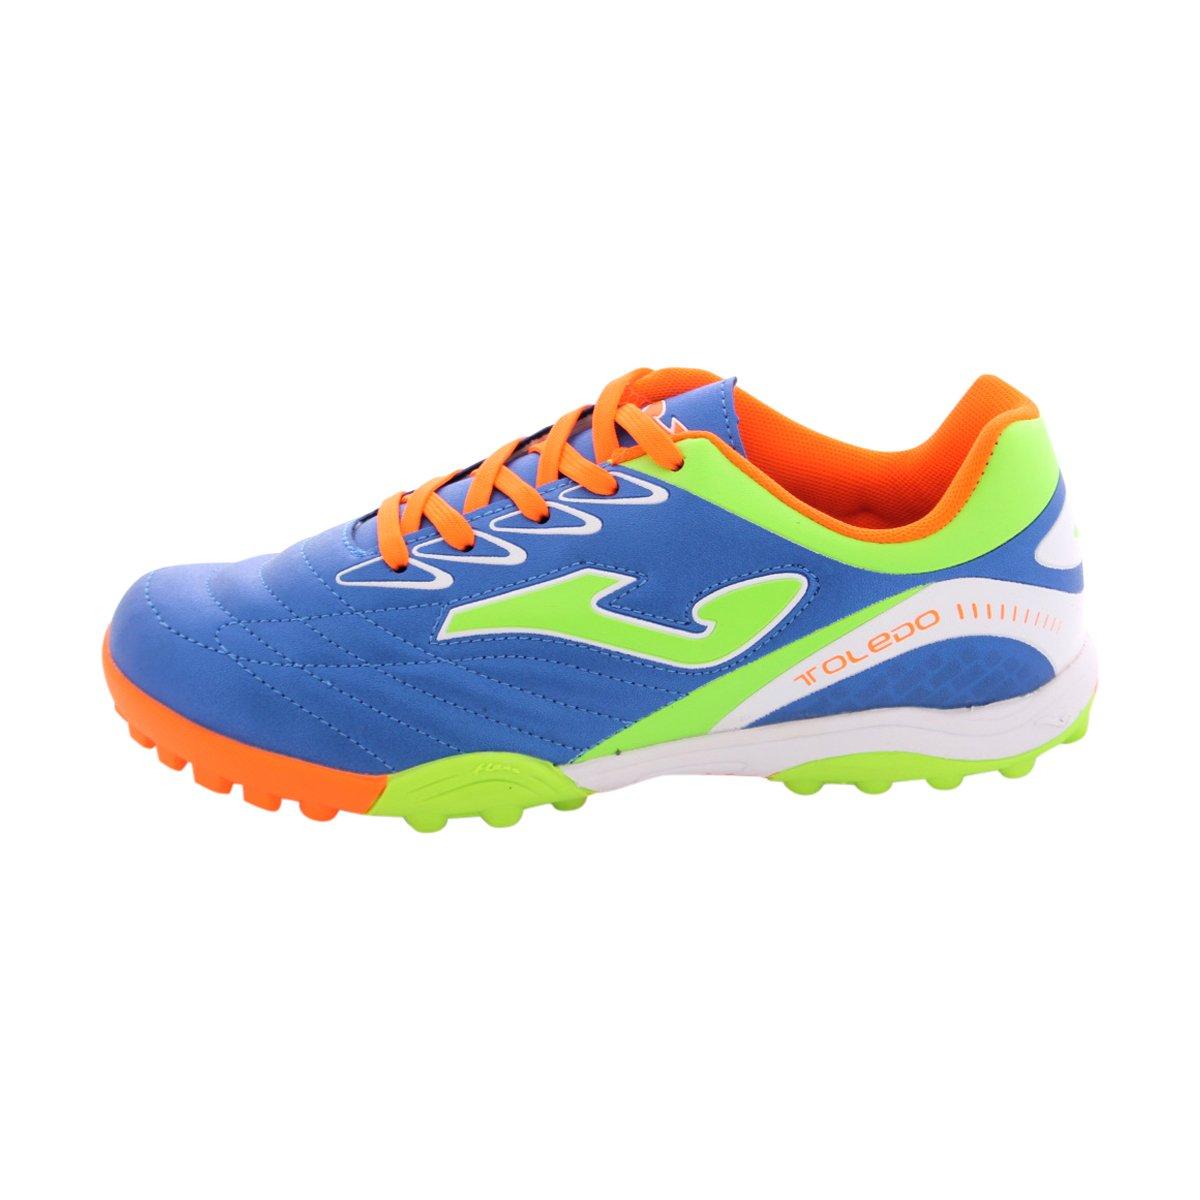 Joma Toledo HR 604 Royal - Fluor Indoor - Chaussures de Foot Salle Enfant:  Amazon.fr: Vêtements et accessoires